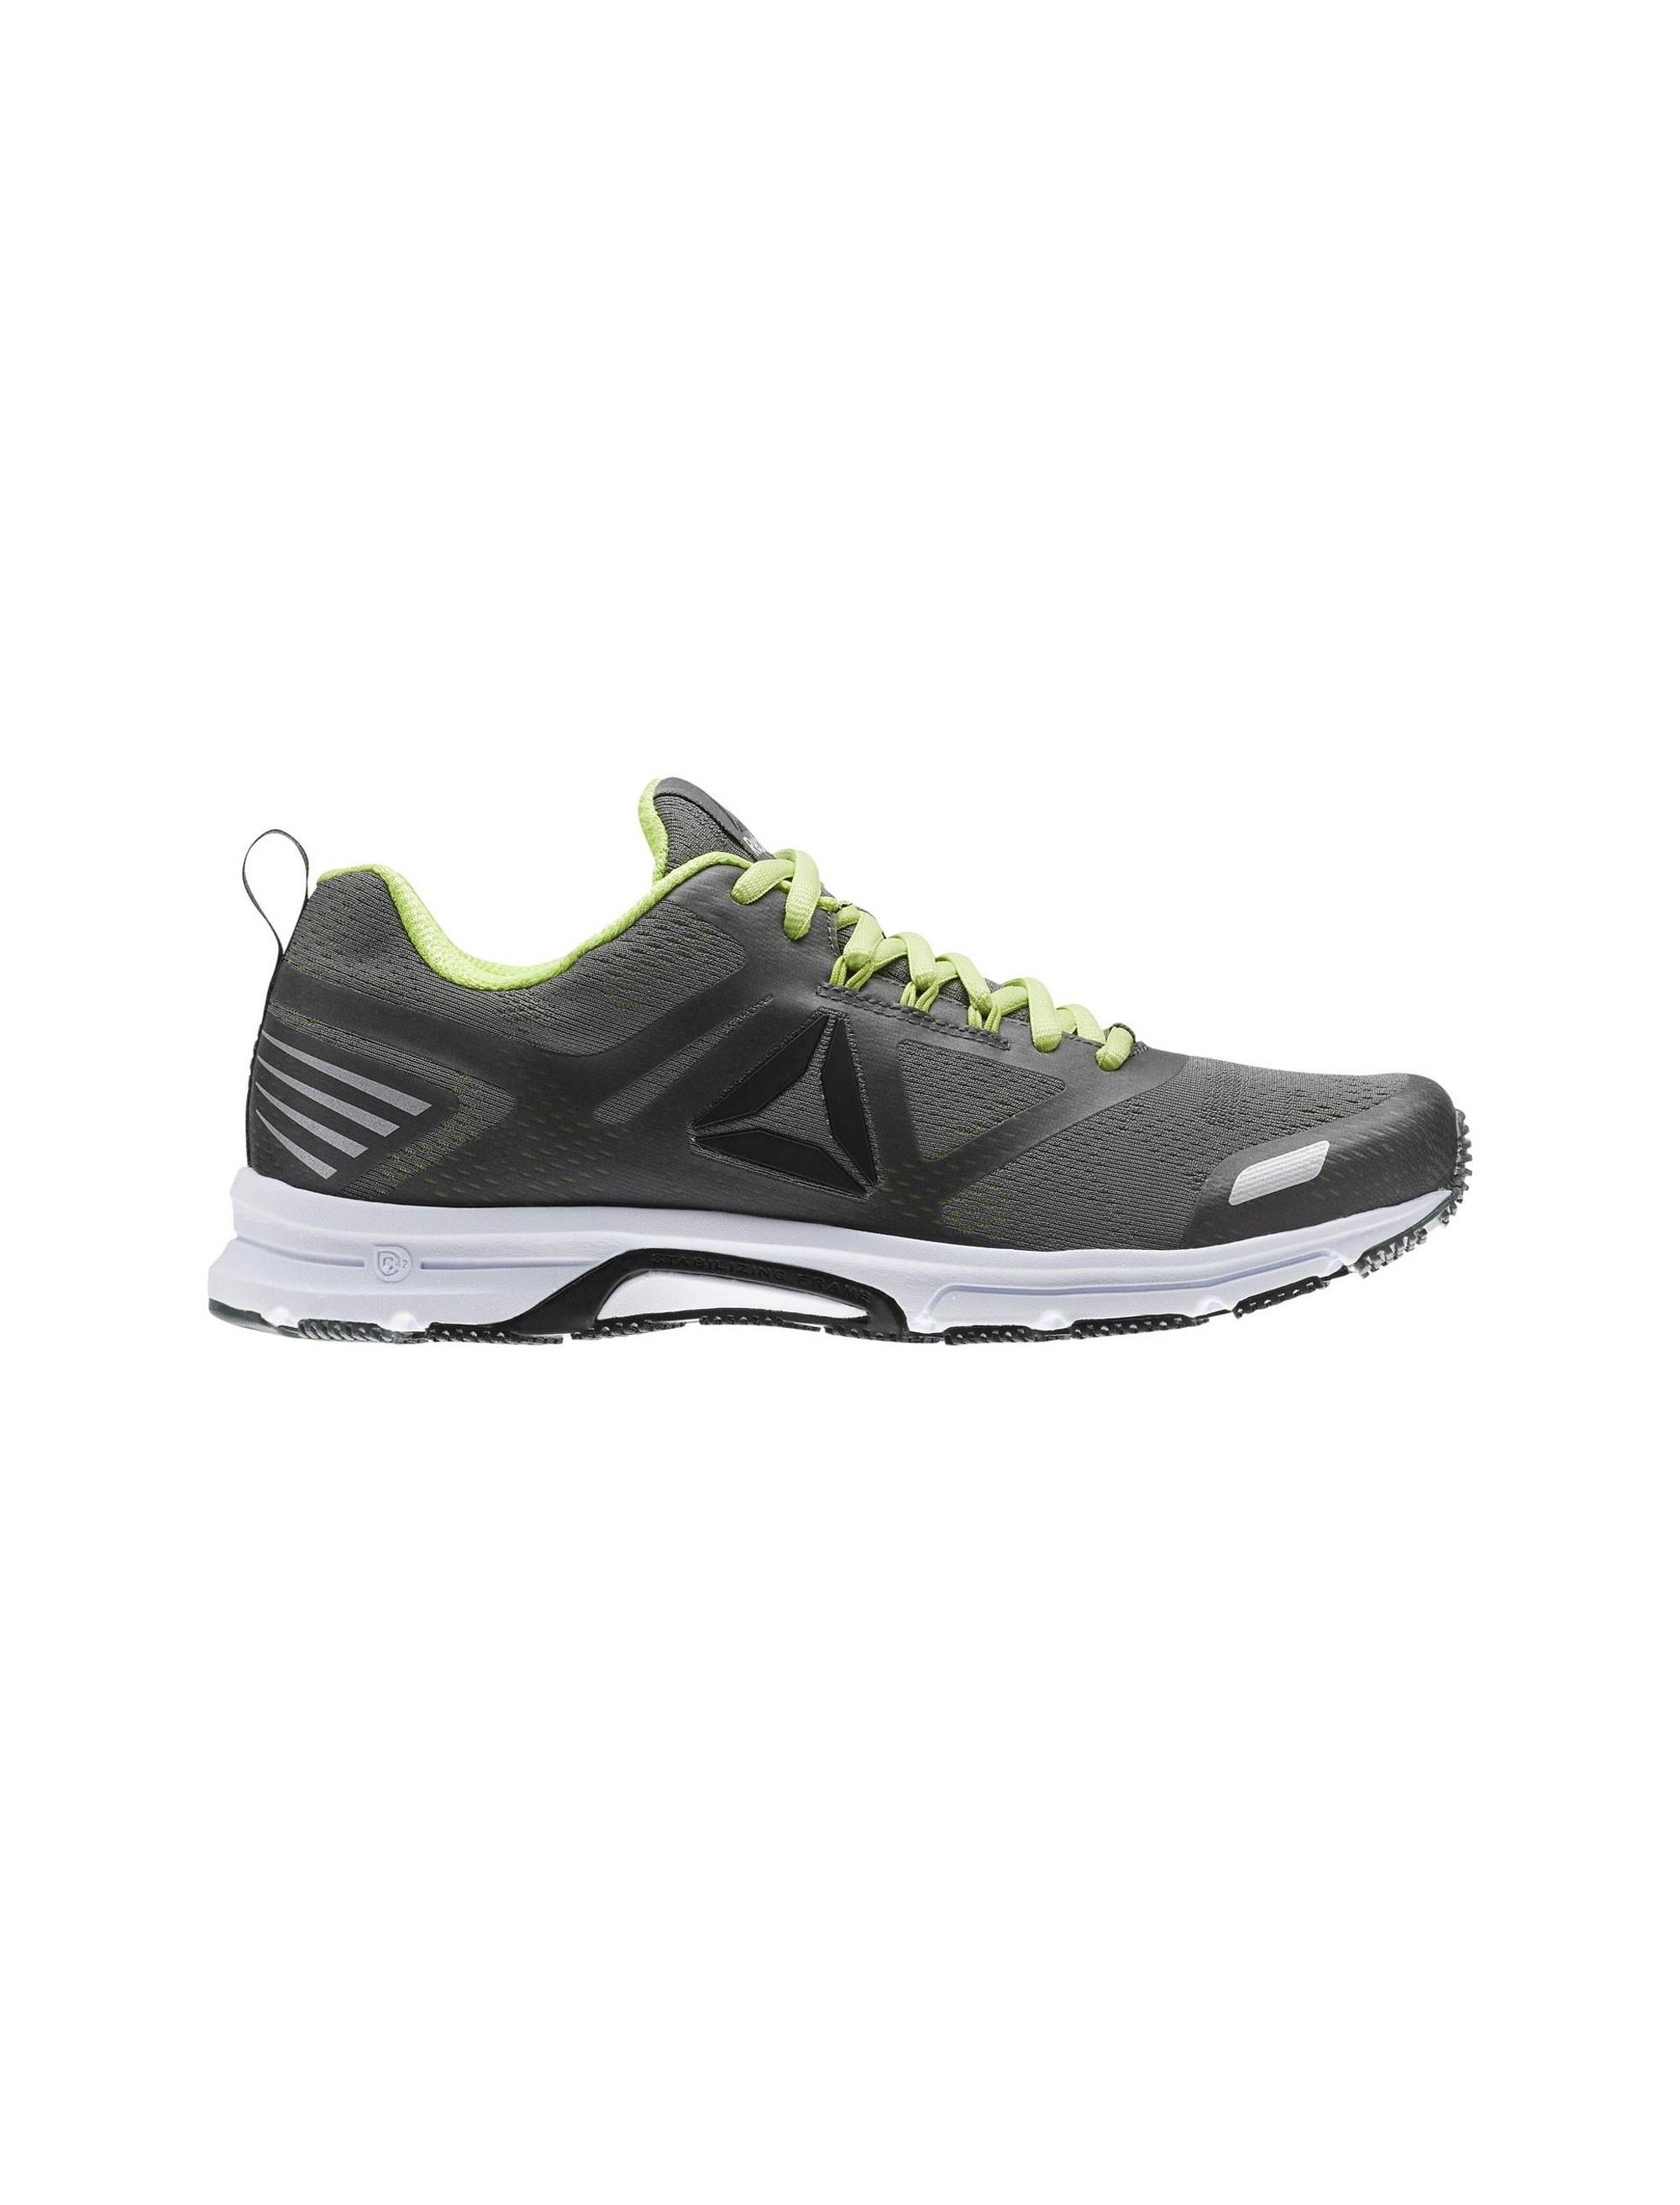 کفش مخصوص دویدن مردانه ریباک مدل Reebok Runner - طوسي - 1